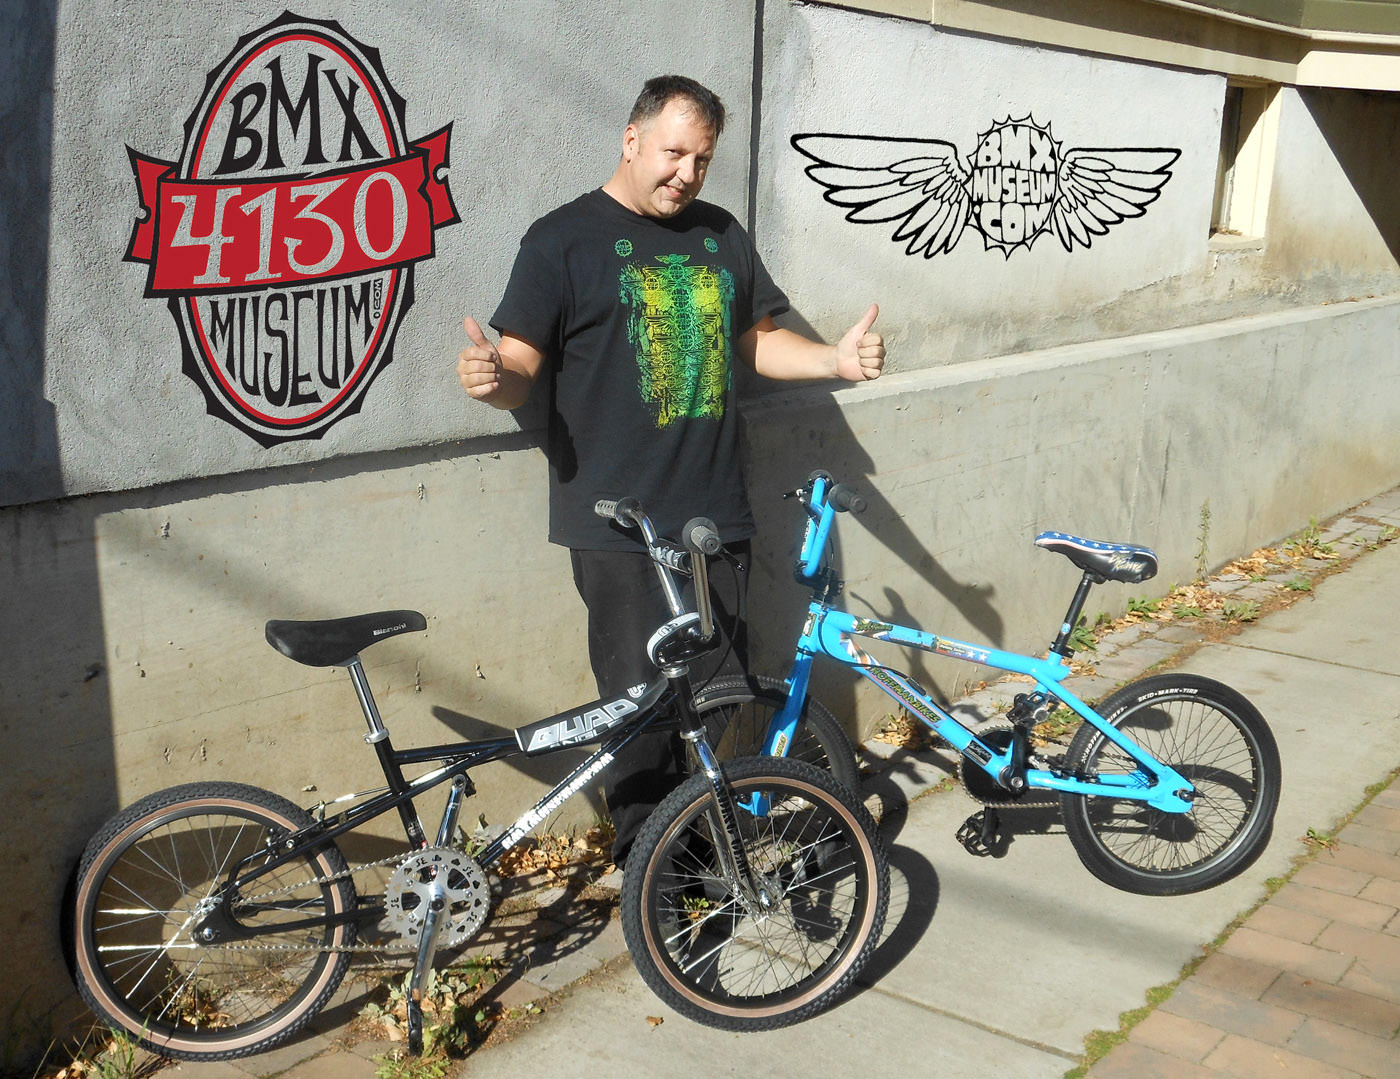 Gary Sansom with 2 BMX bikes